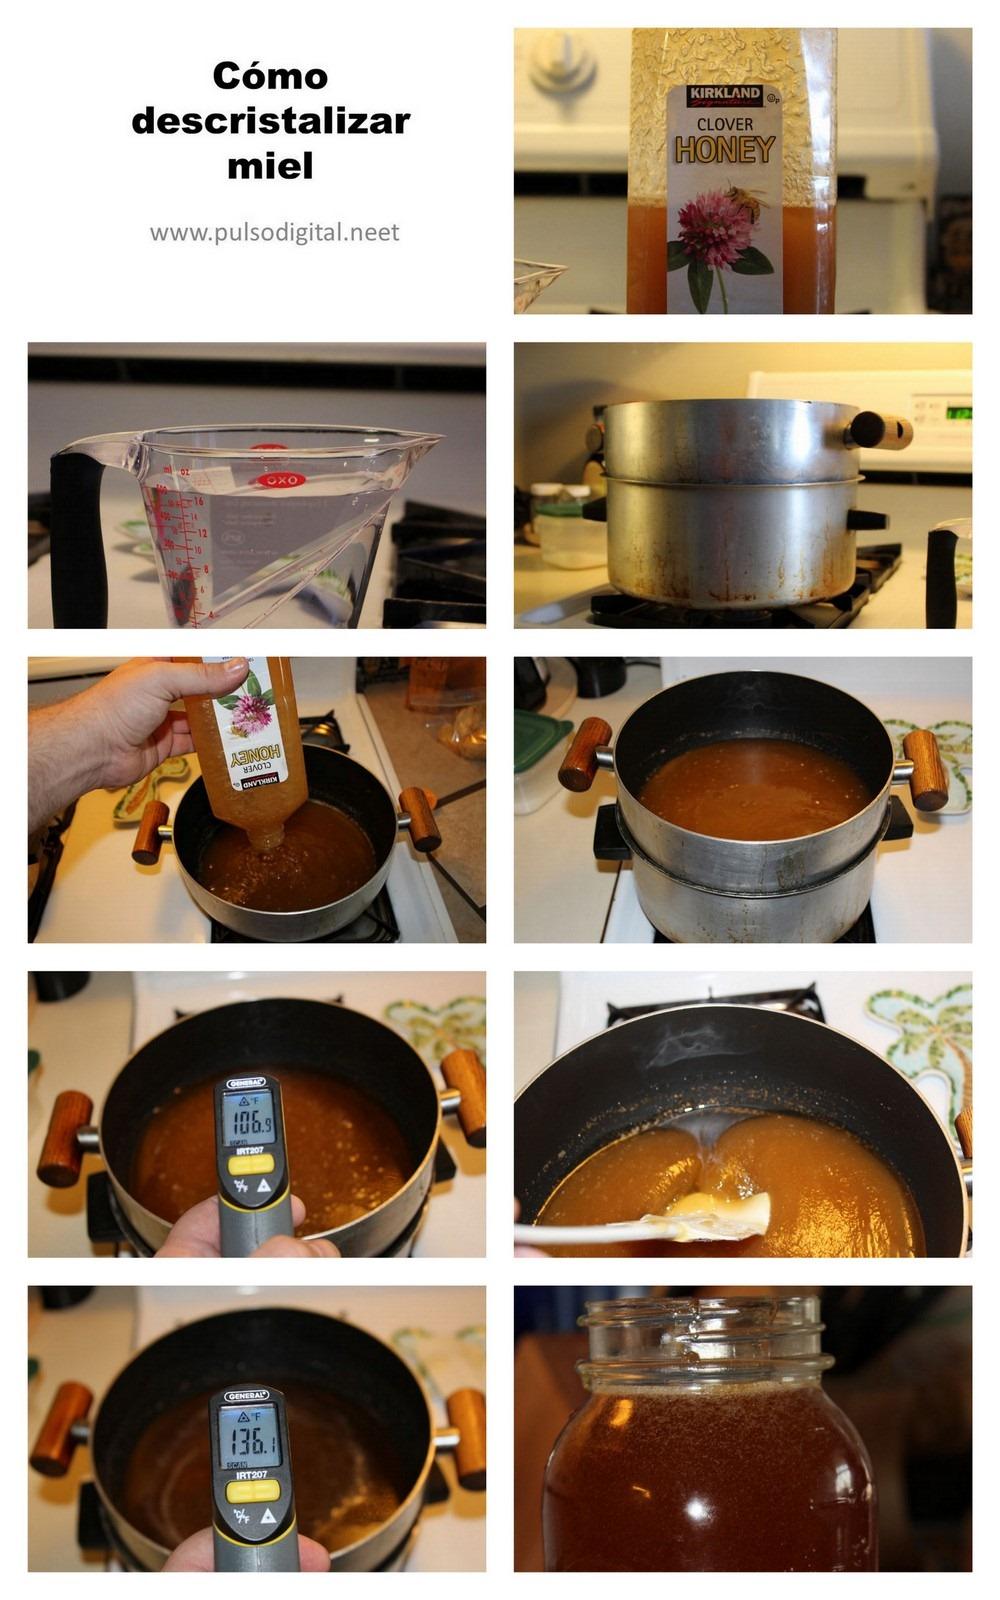 Cómo descritalizar miel